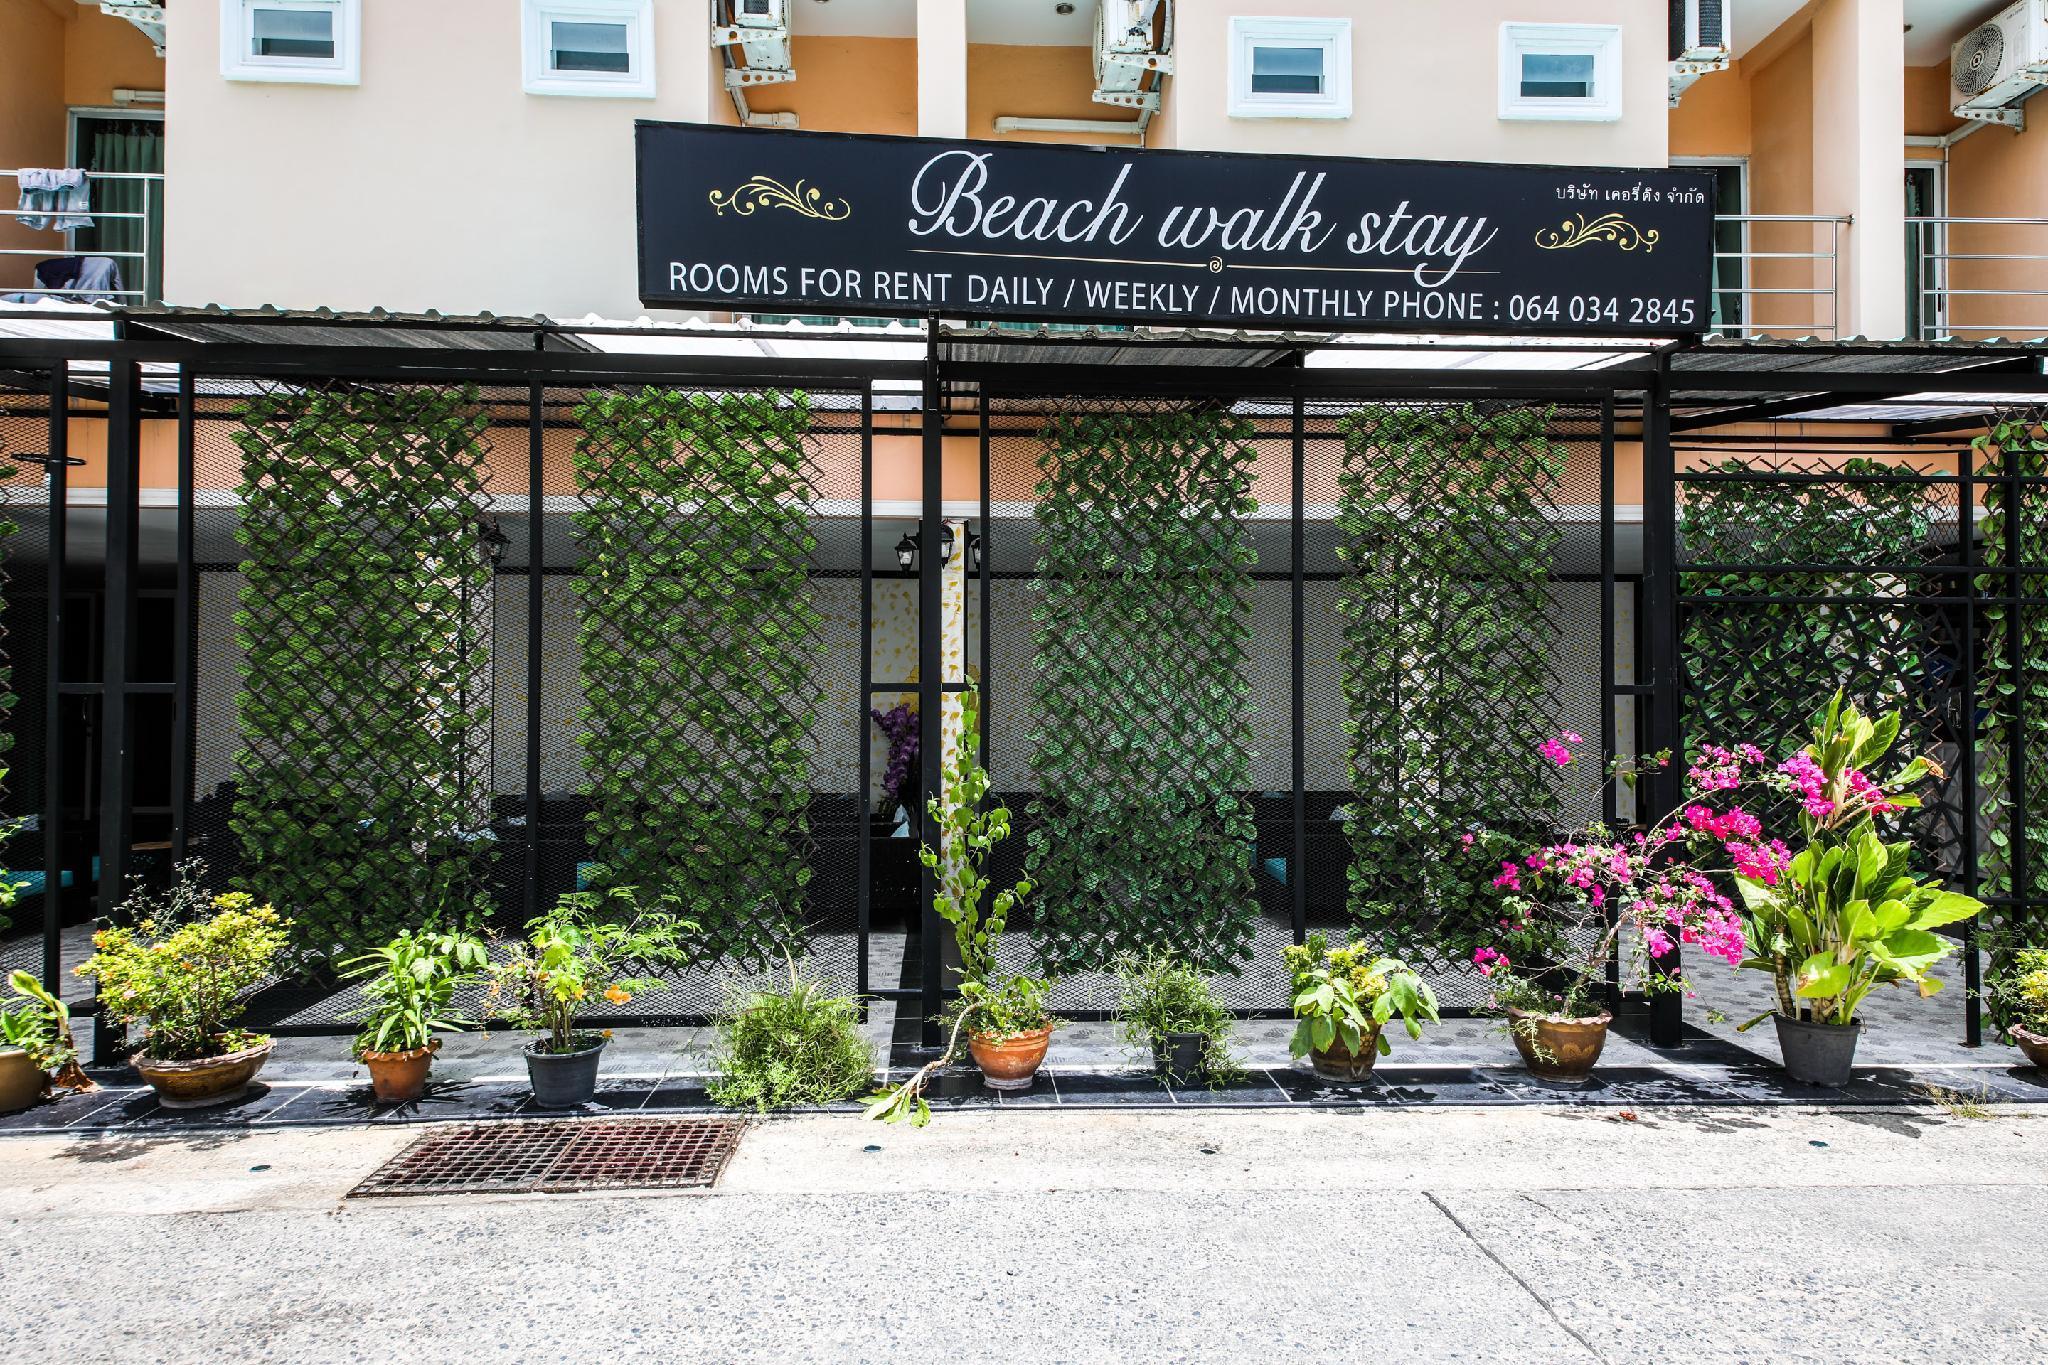 OYO 118 Beach Walk Stay Hotel